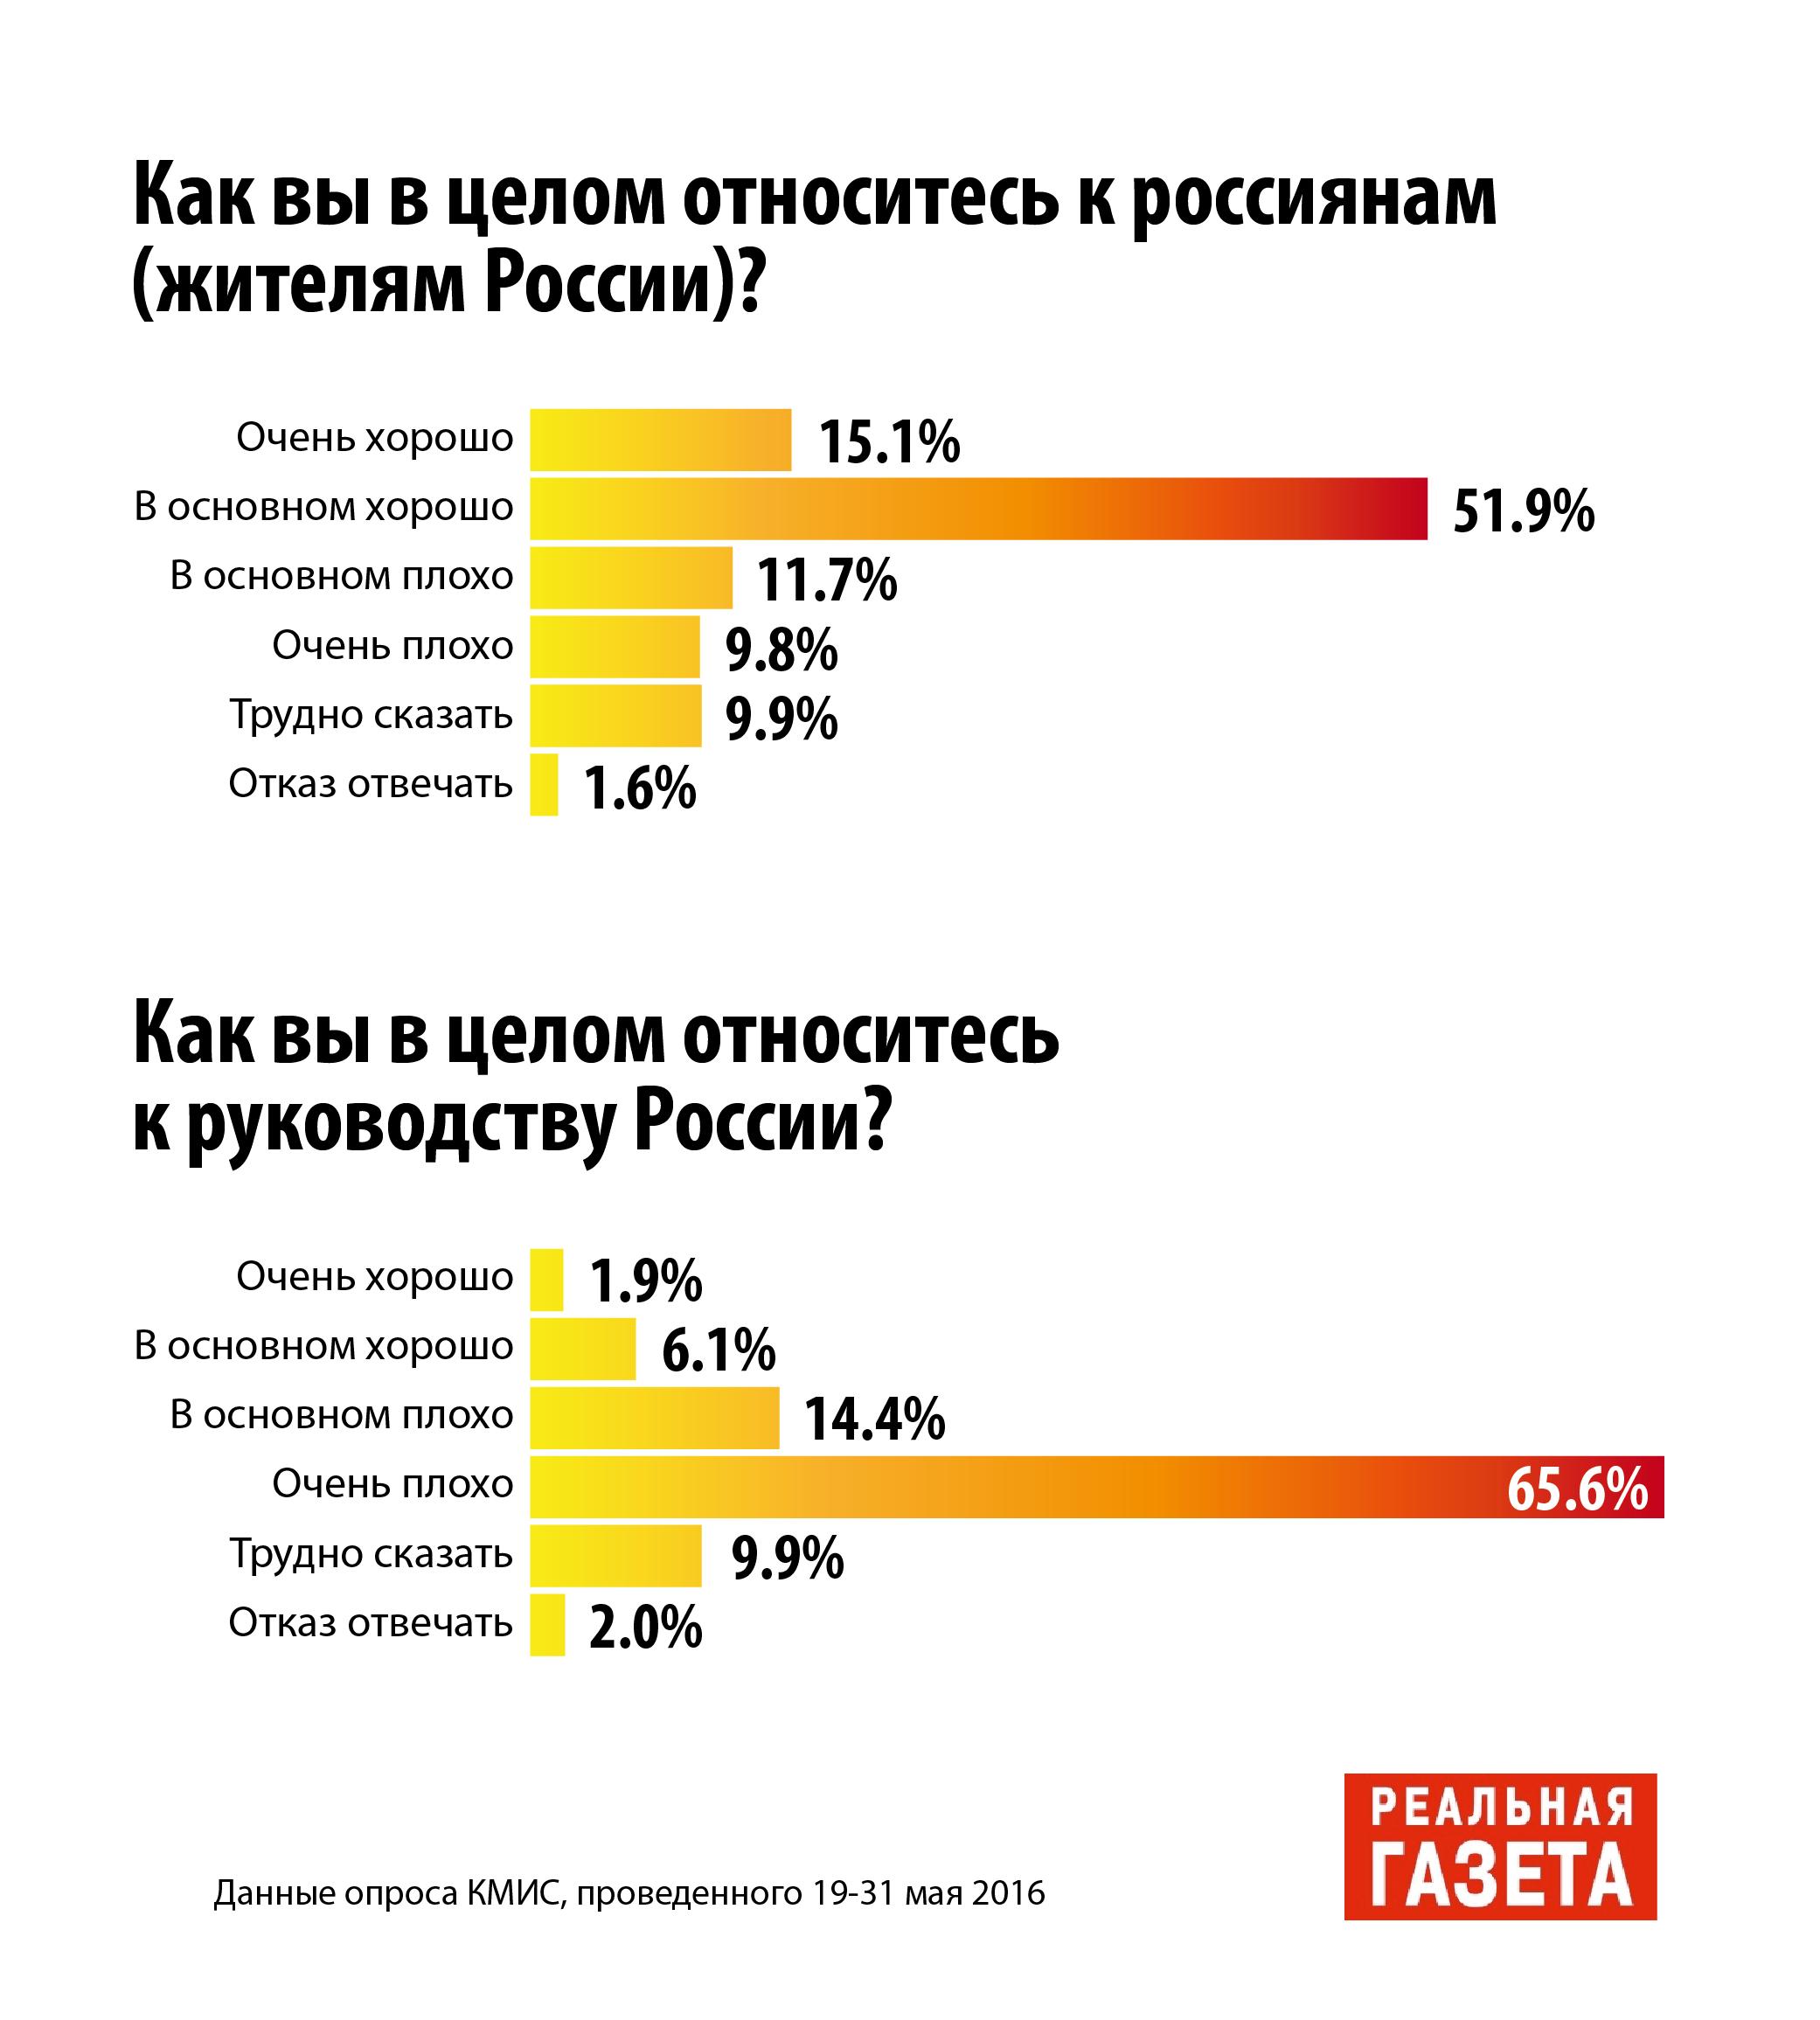 Действительно ли украинцы стали лучше относиться к РФ?